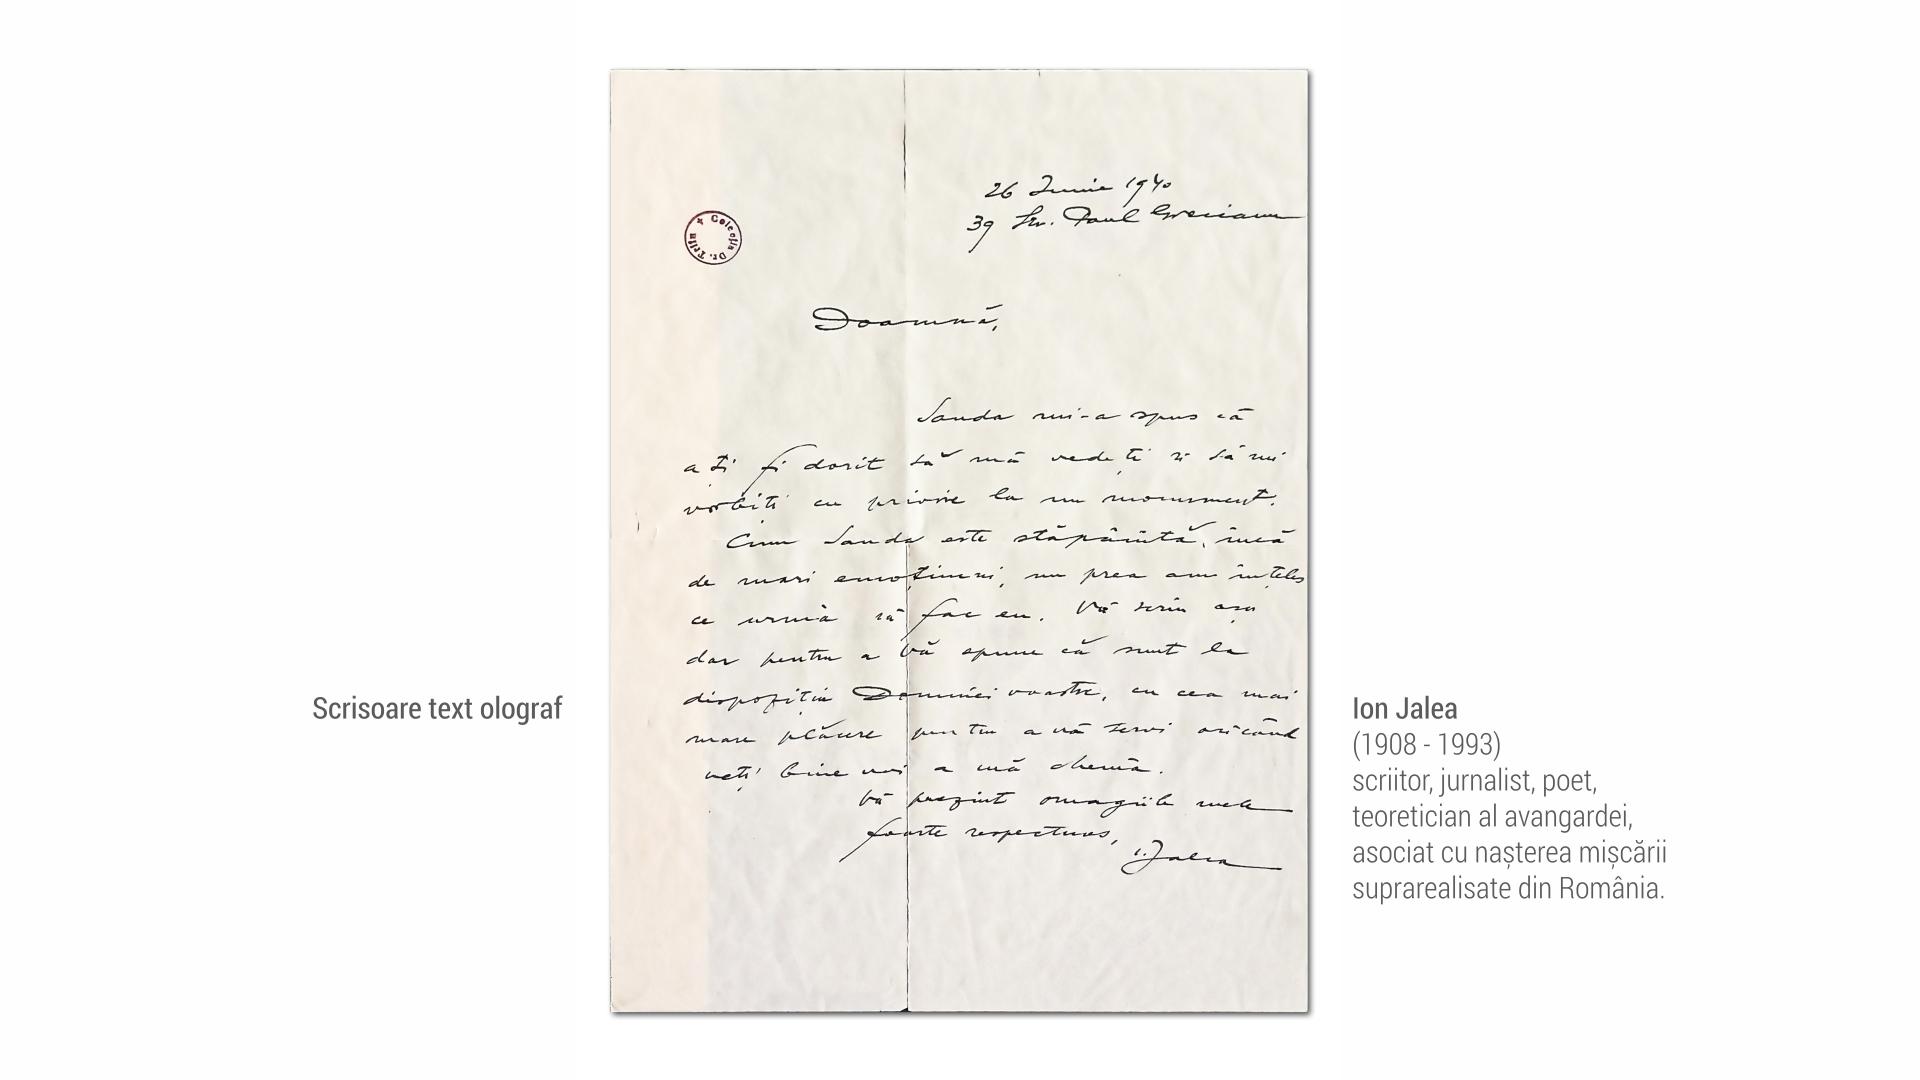 1908 Ion Jalea - scrisoare